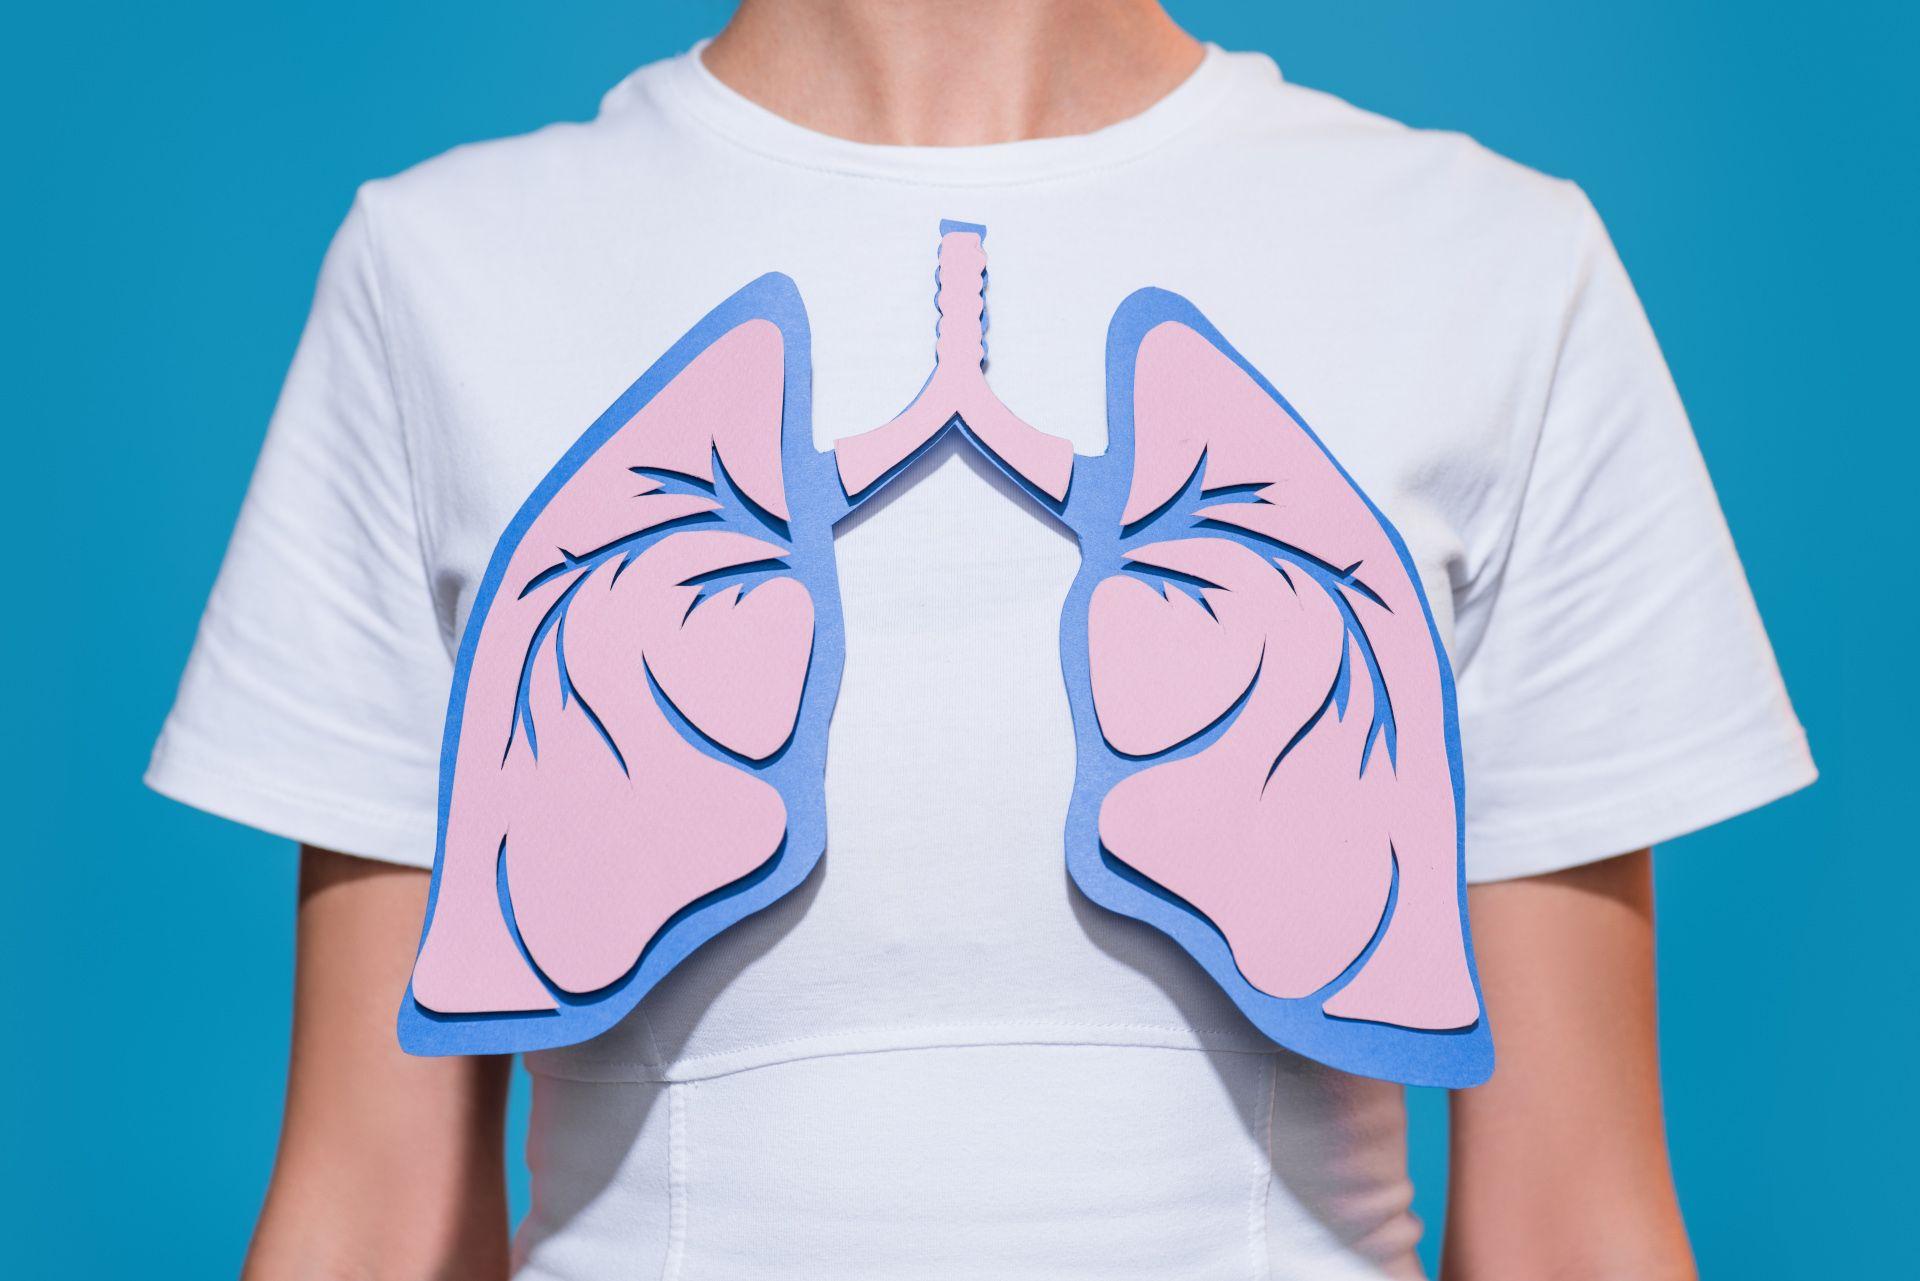 Ilma kulkee keuhkoissa pienissä hengitystiehyeissä